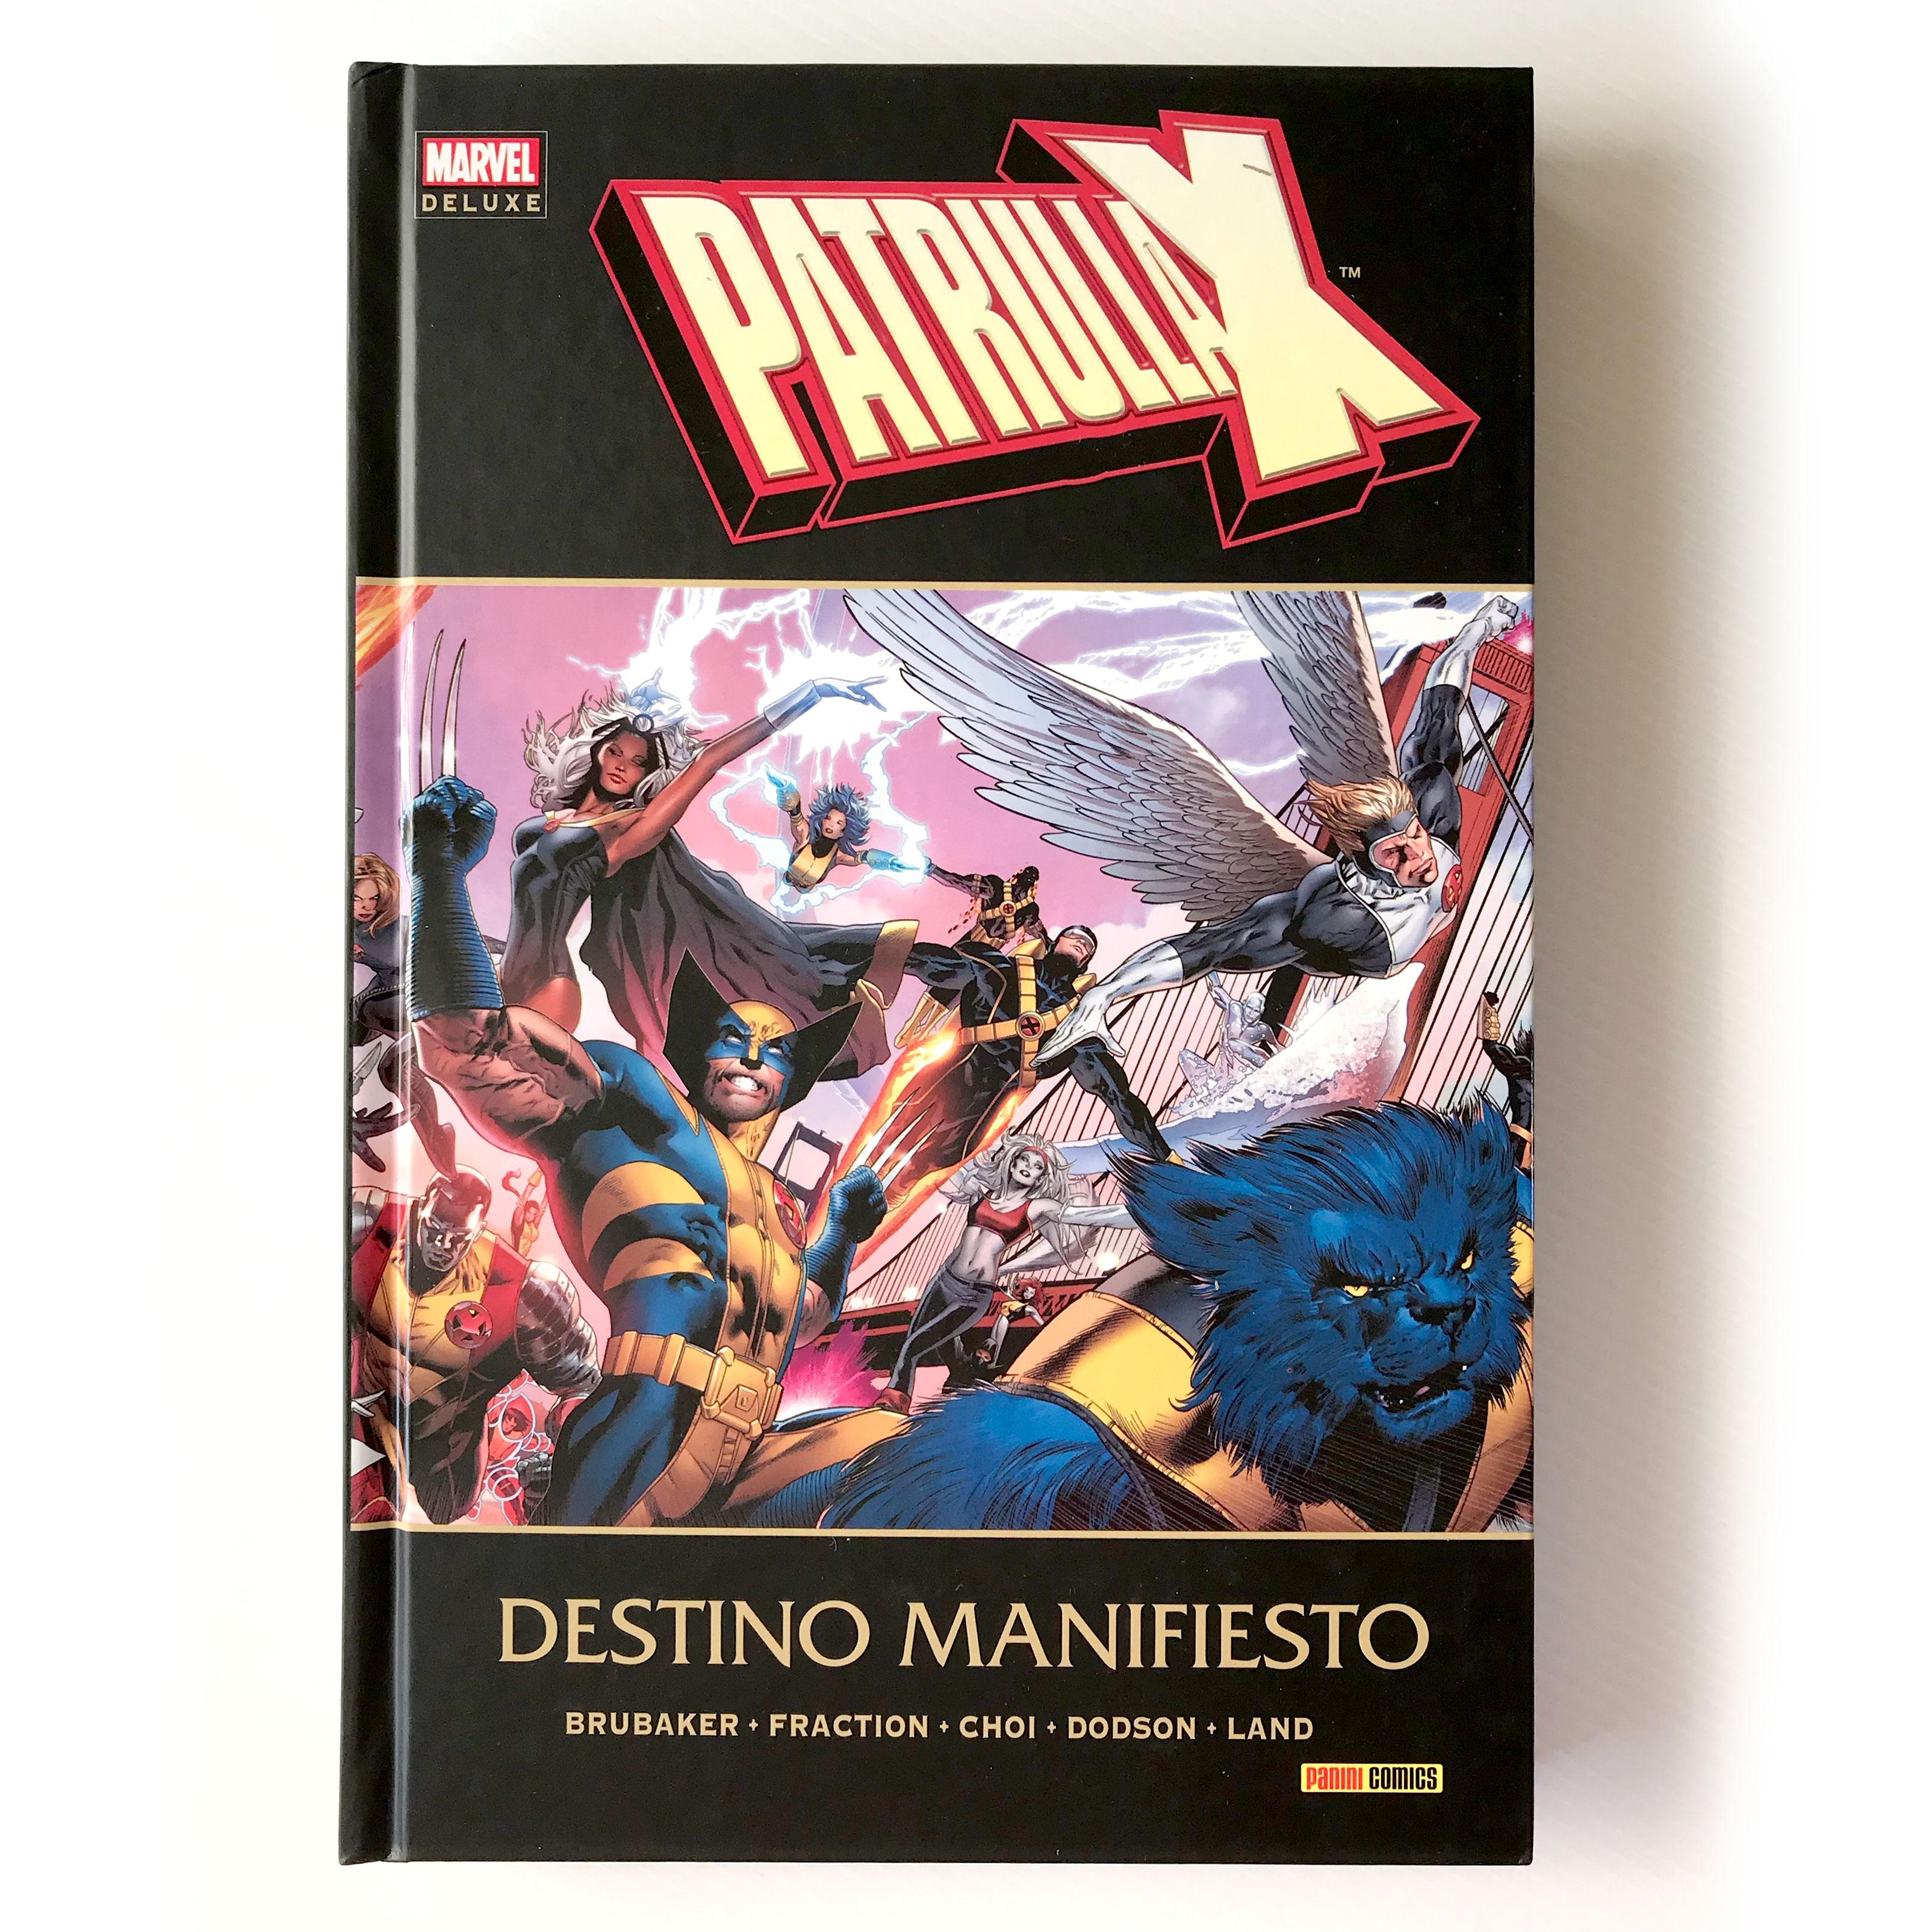 Patrulla-X «Destino Manifiesto» - Marvel Deluxe